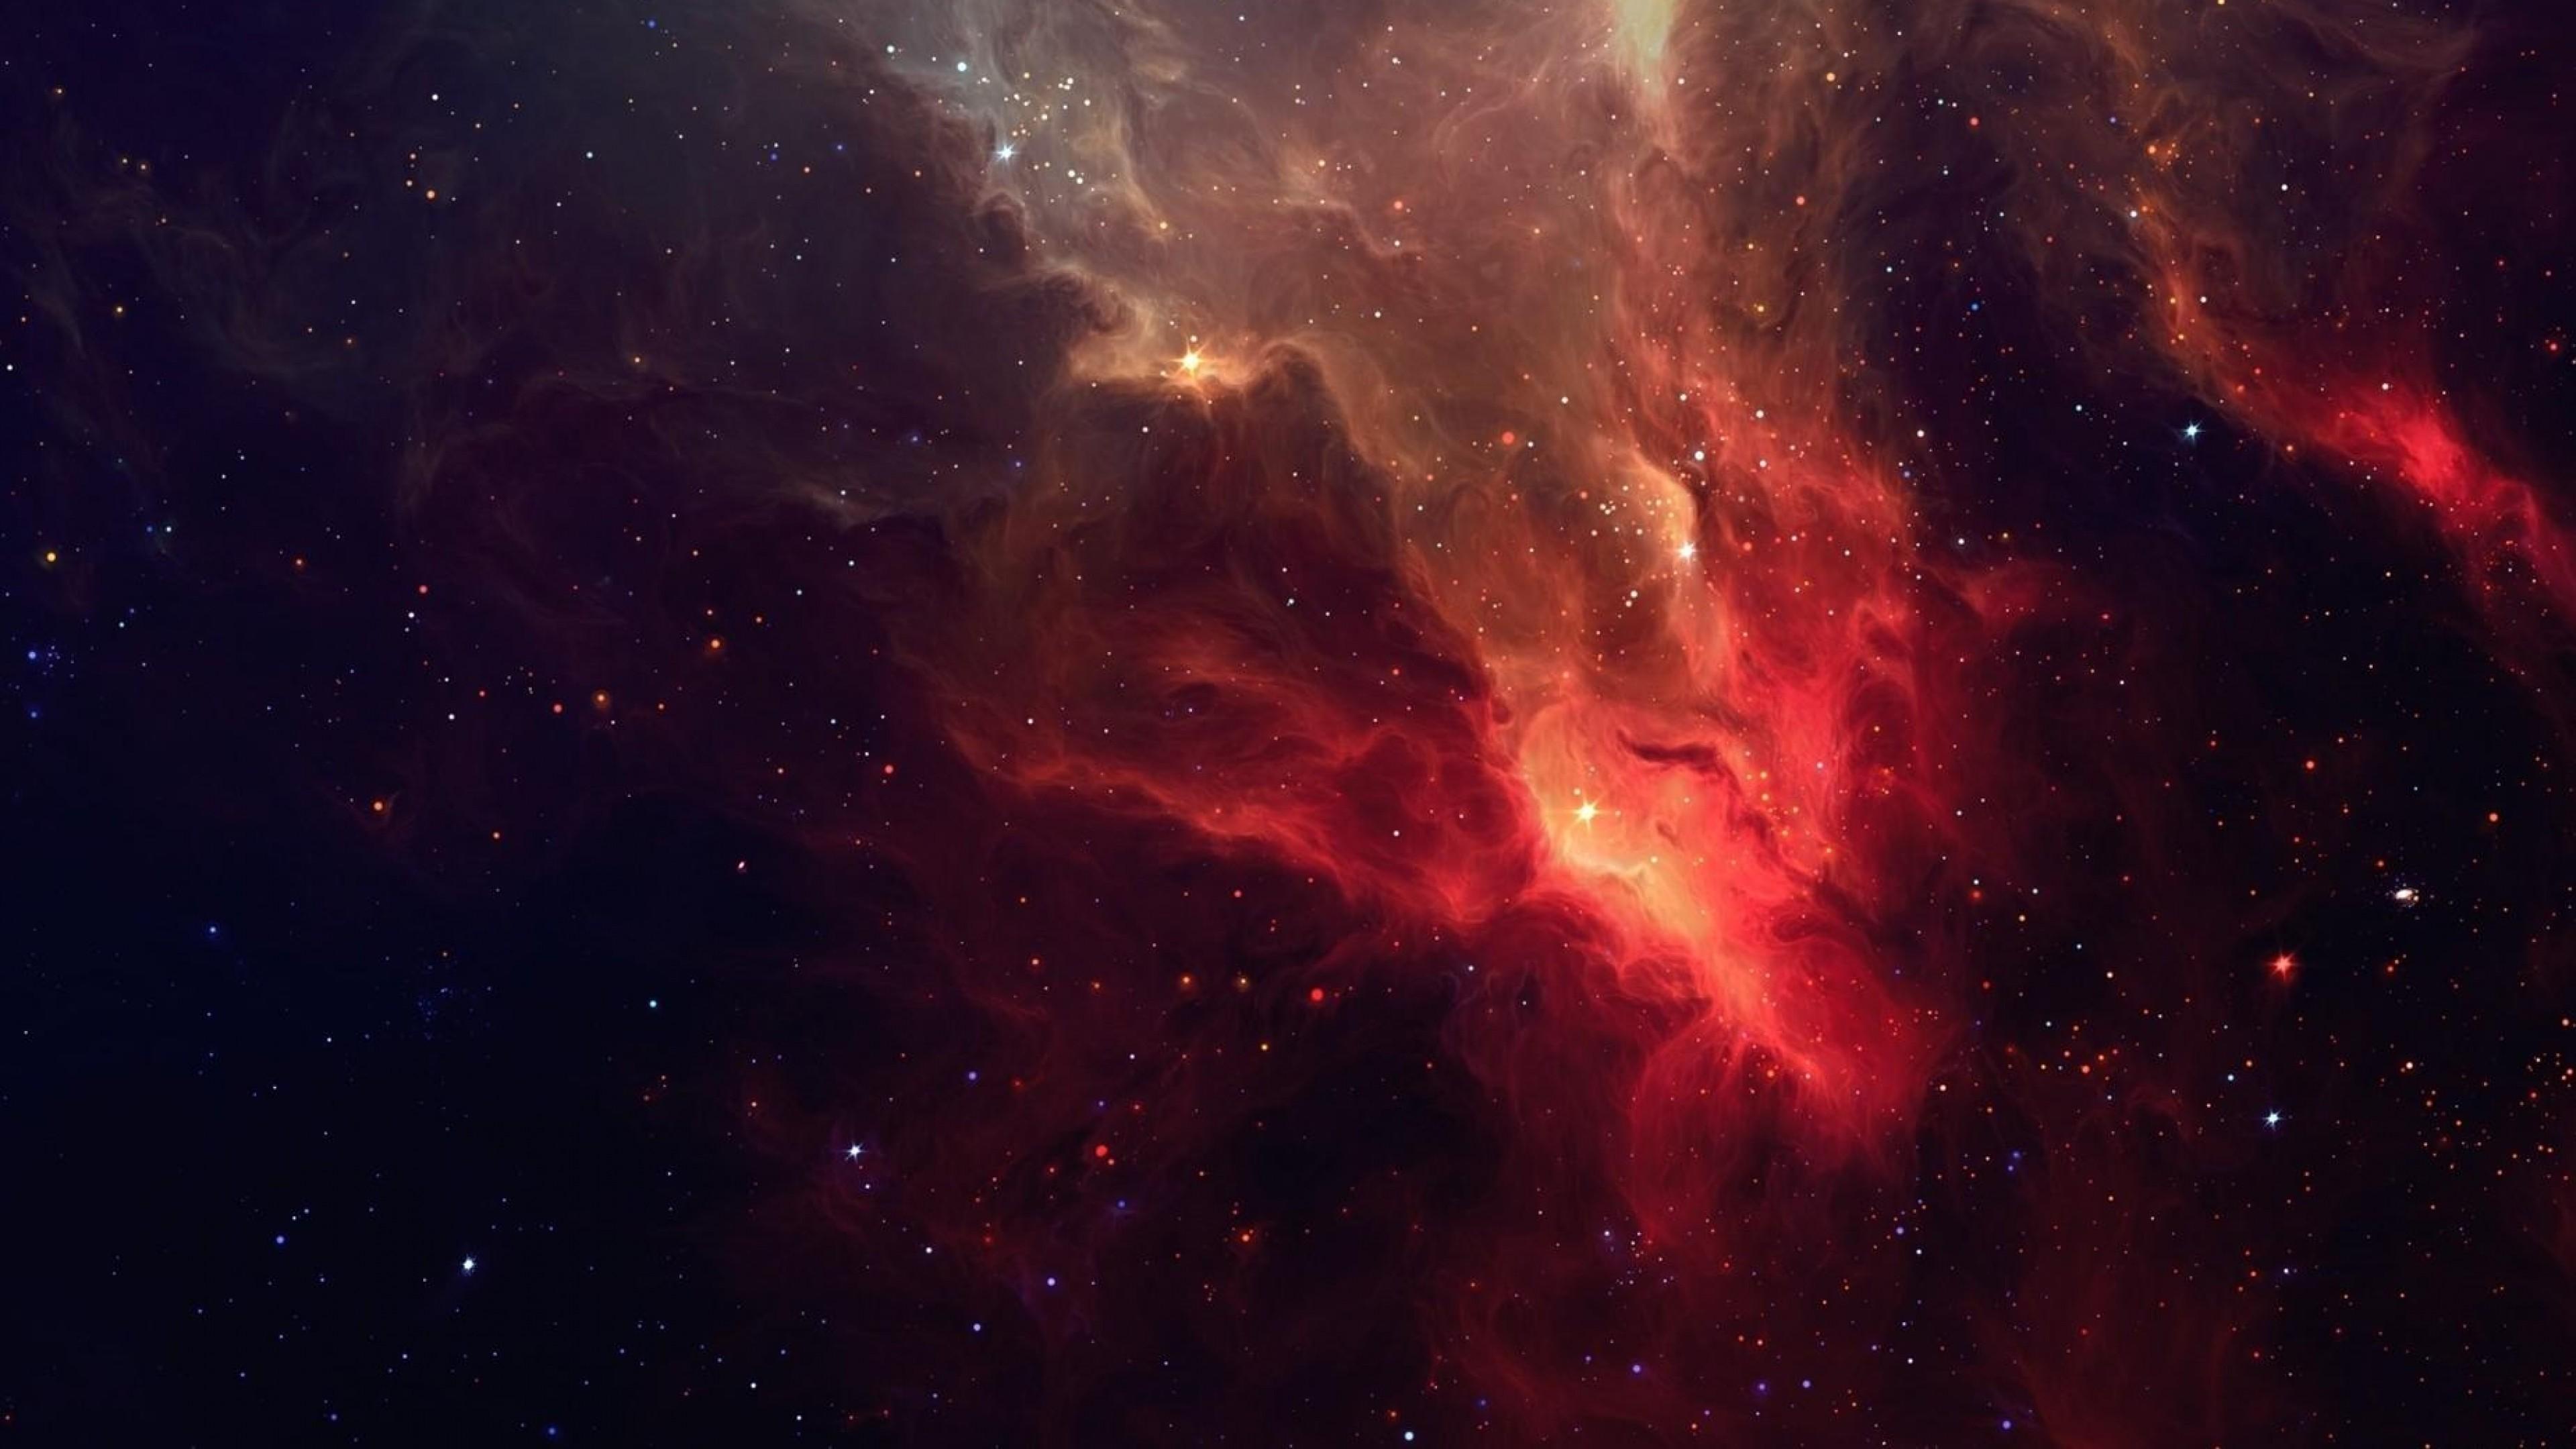 Download Wallpaper Galaxy, Stars, Light, Nebula 4K Ultra HD .